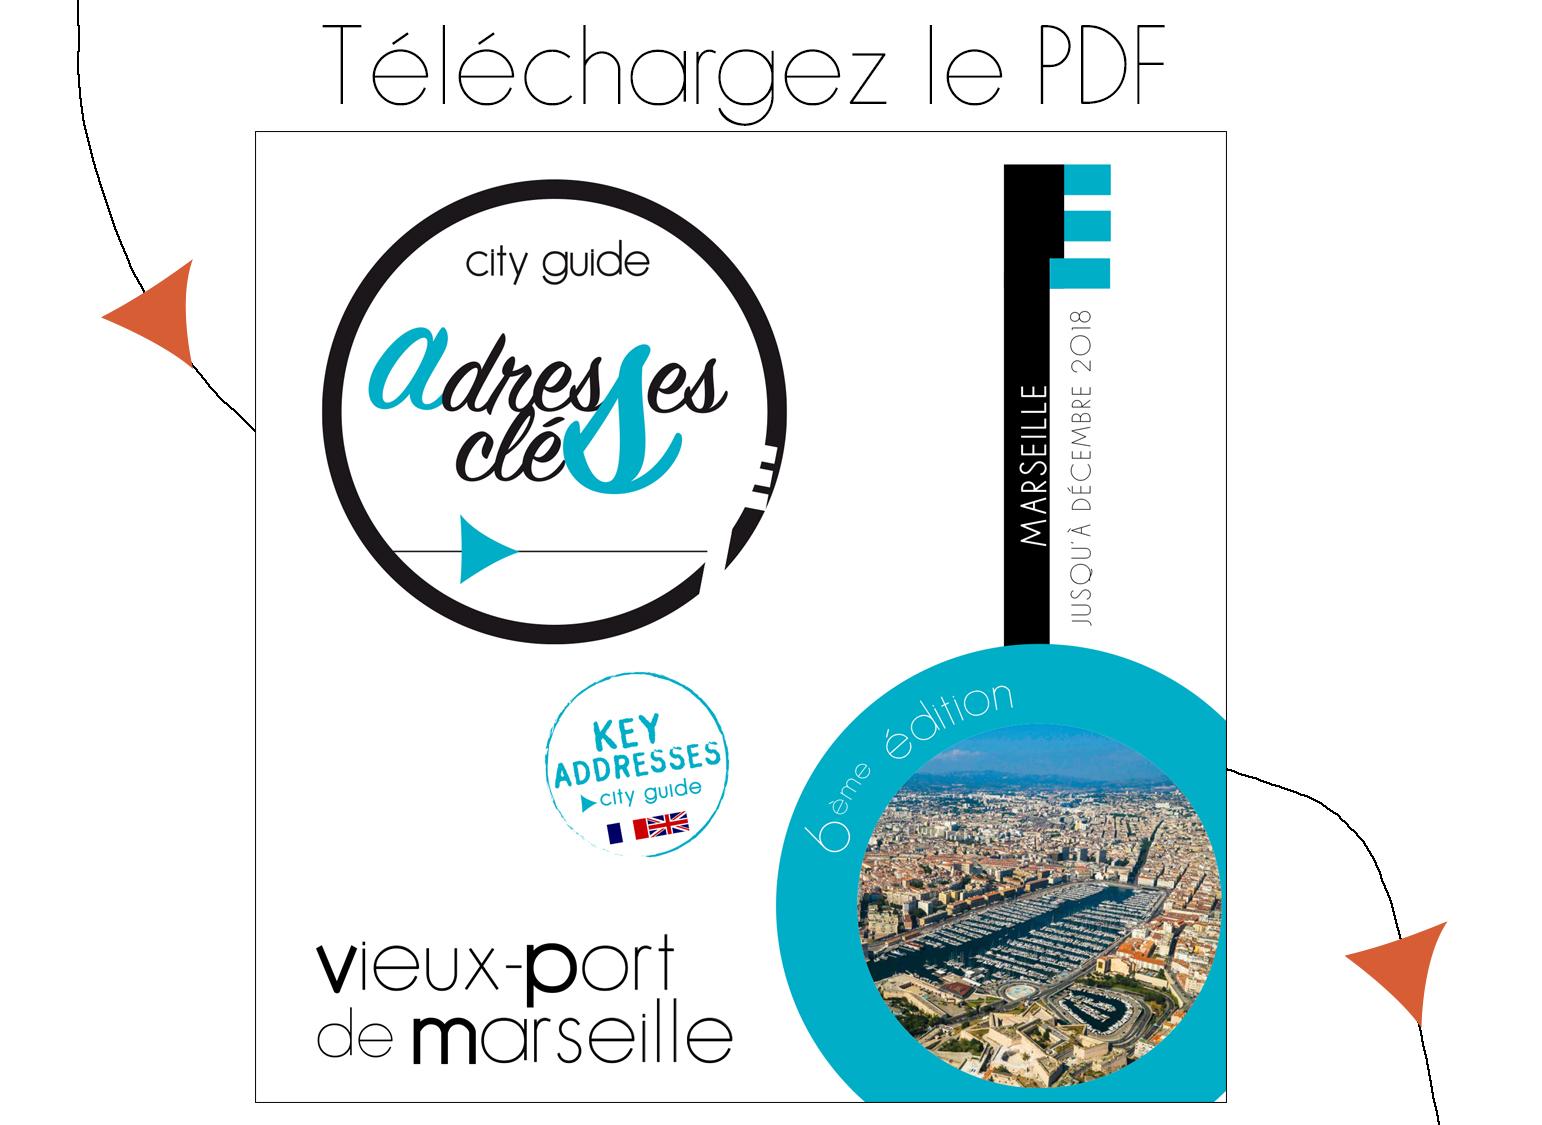 City Guide Adresses Clés du Vieux Port de Marseille 2018